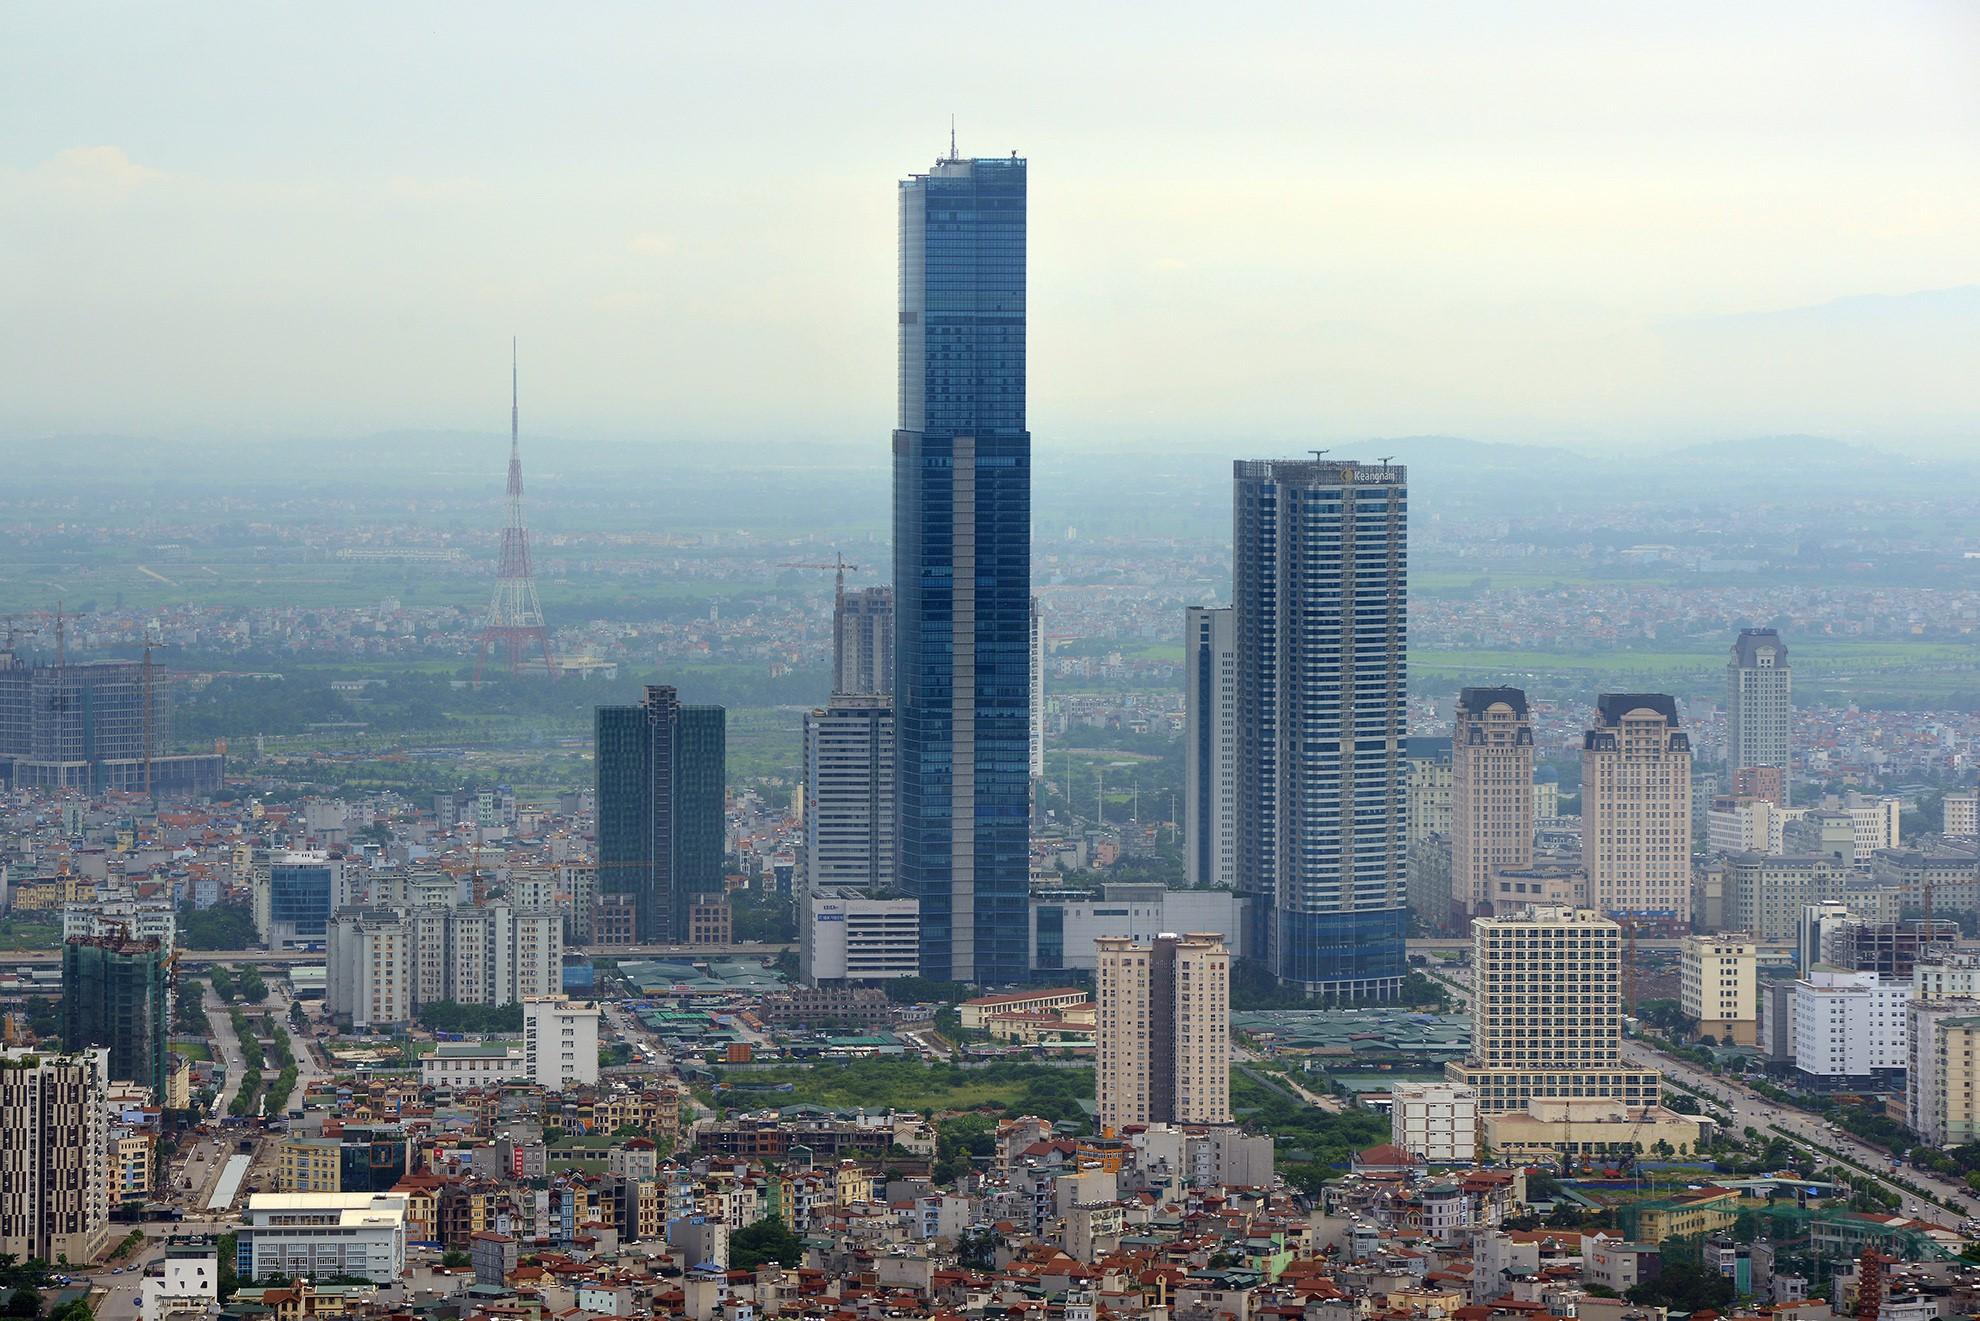 Điểm danh 10 toà nhà cao nhất Việt Nam, kỉ lục liên tiếp đe dọa kỉ lục - Ảnh 9.